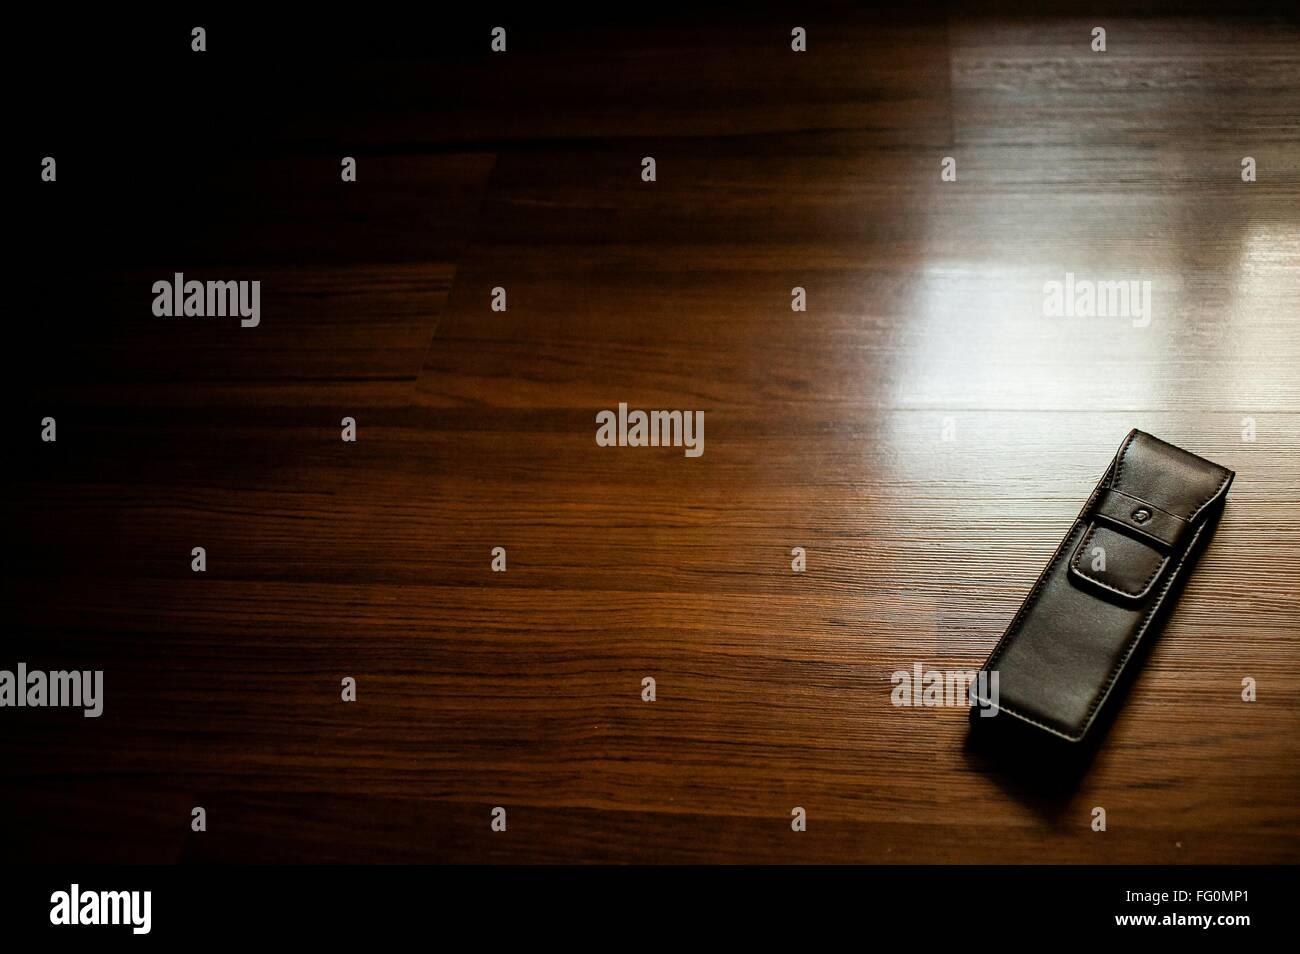 Un alto ángulo de vista de cuero Cubierta de teléfono sobre un piso de madera Imagen De Stock